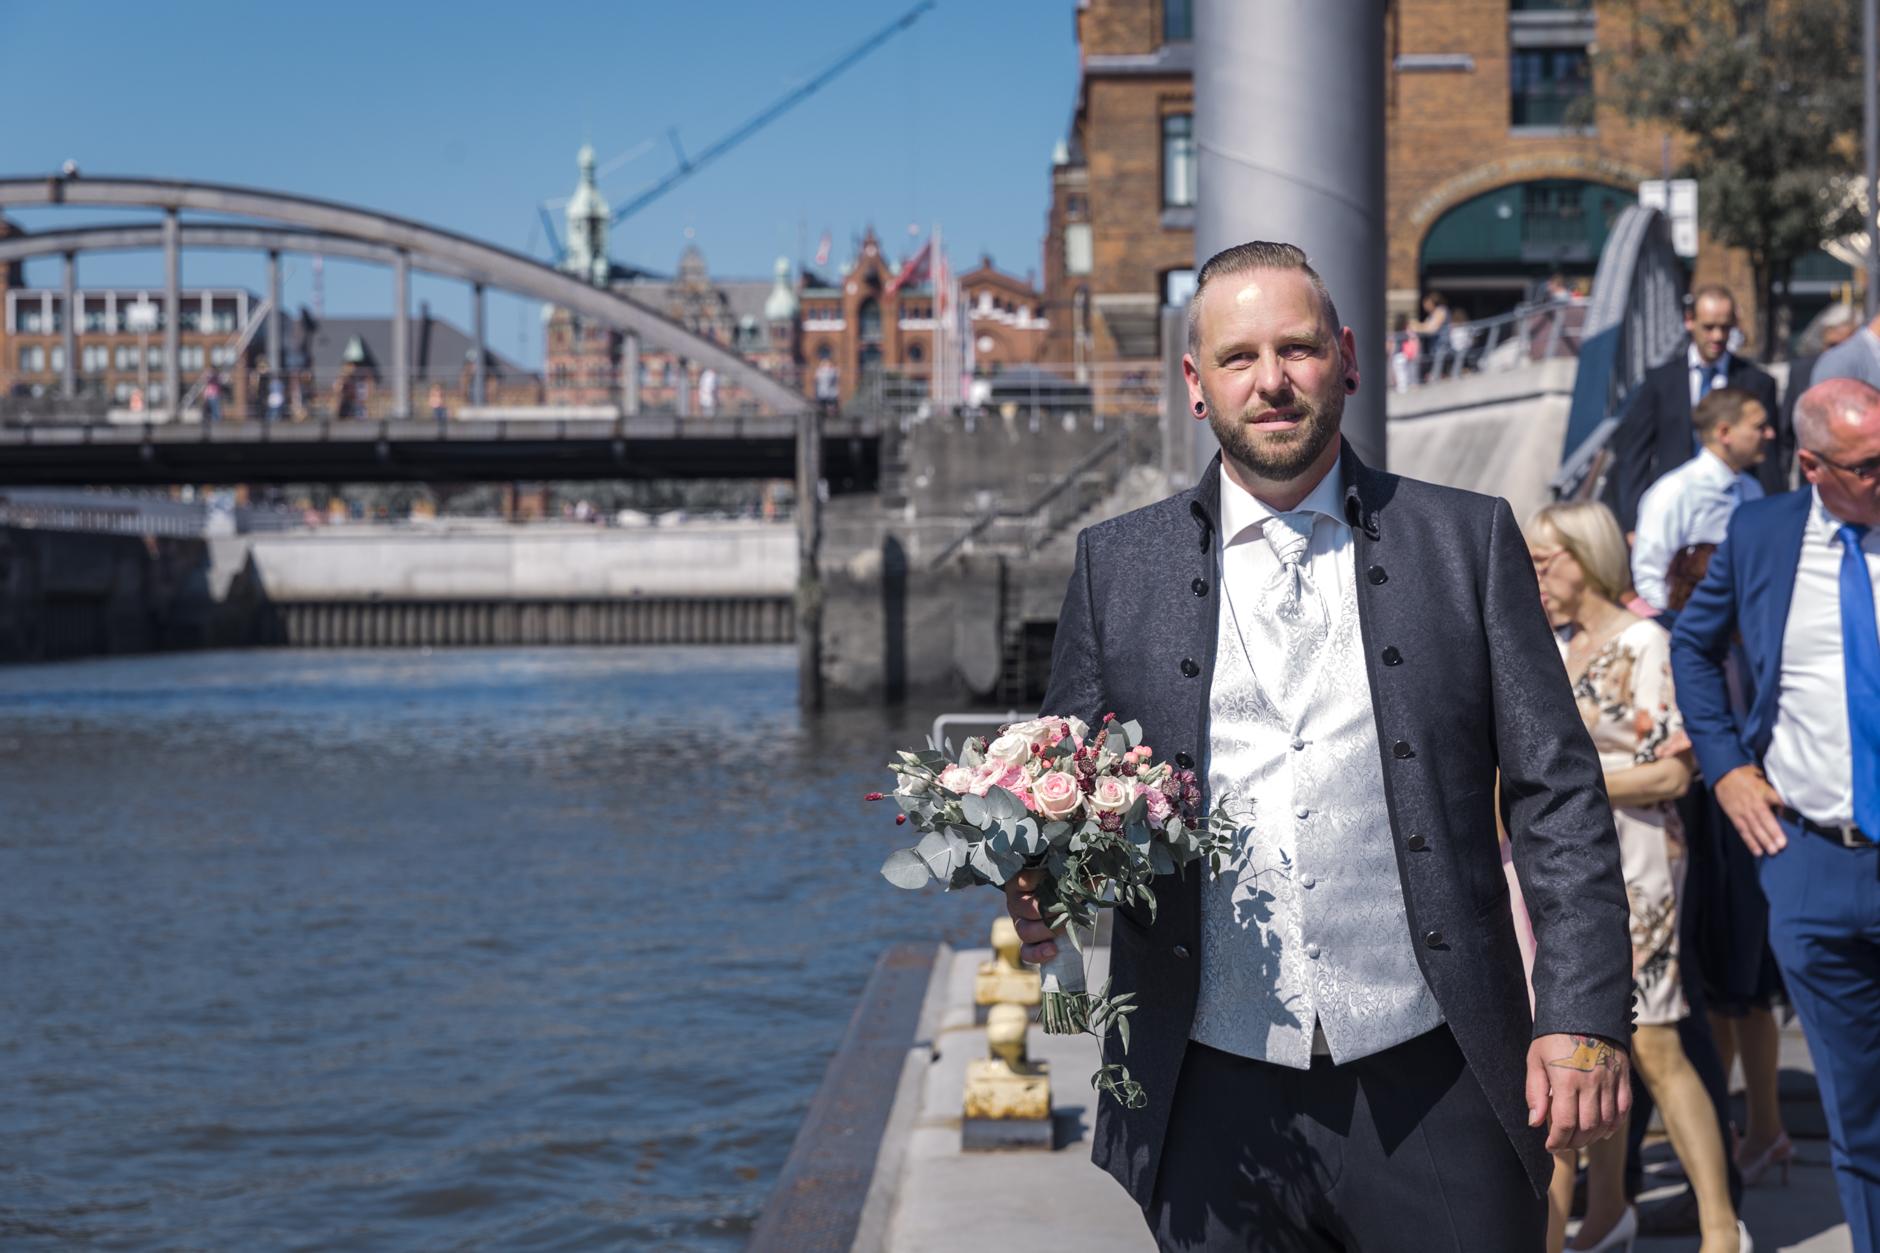 ... da ist er, der Bräutigam ... und der Brautstrauss ...